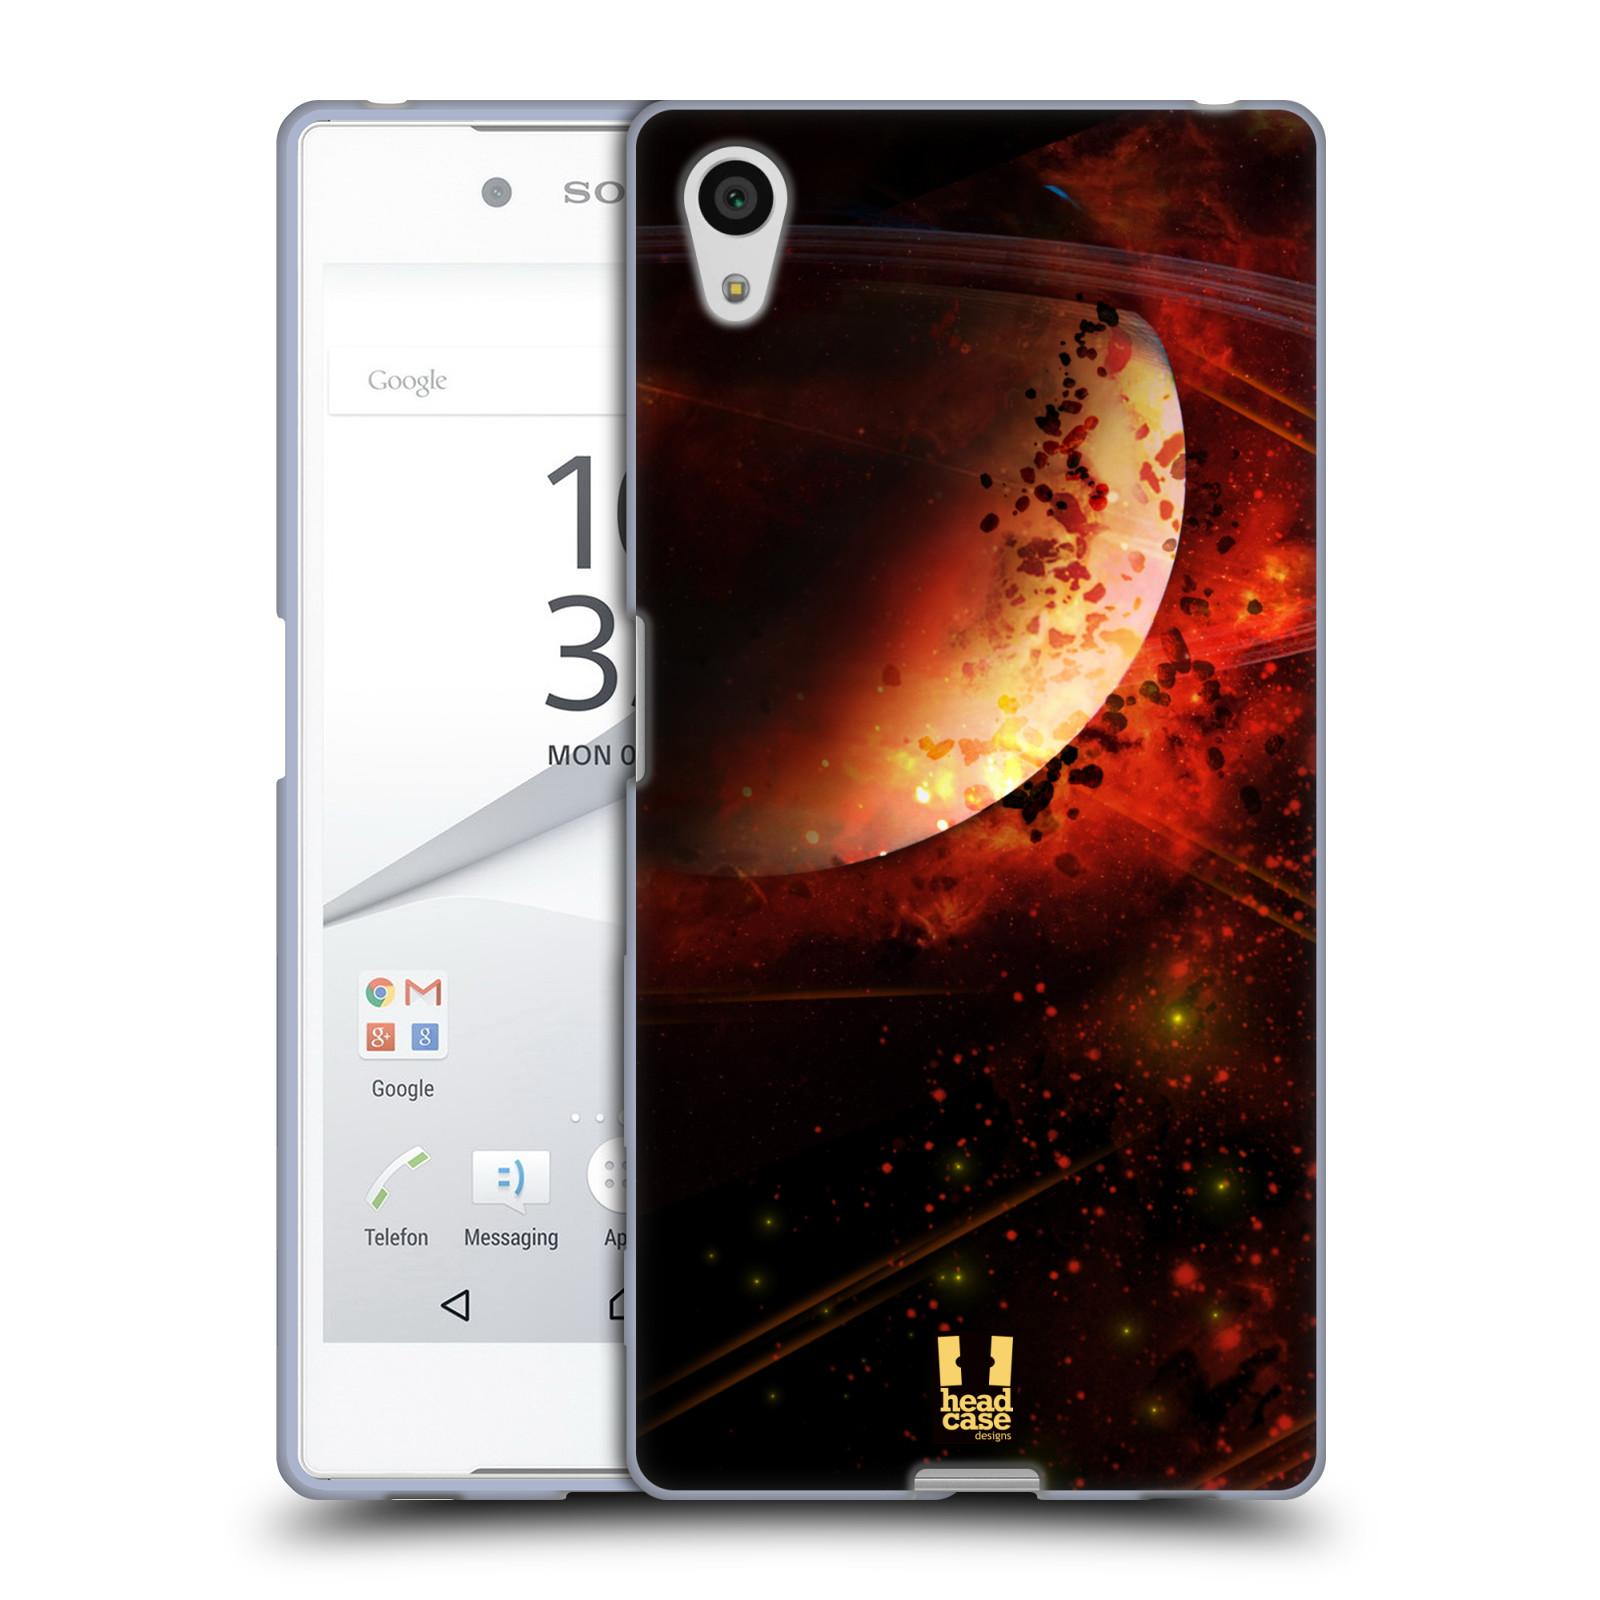 Silikonové pouzdro na mobil Sony Xperia Z5 HEAD CASE SATURN